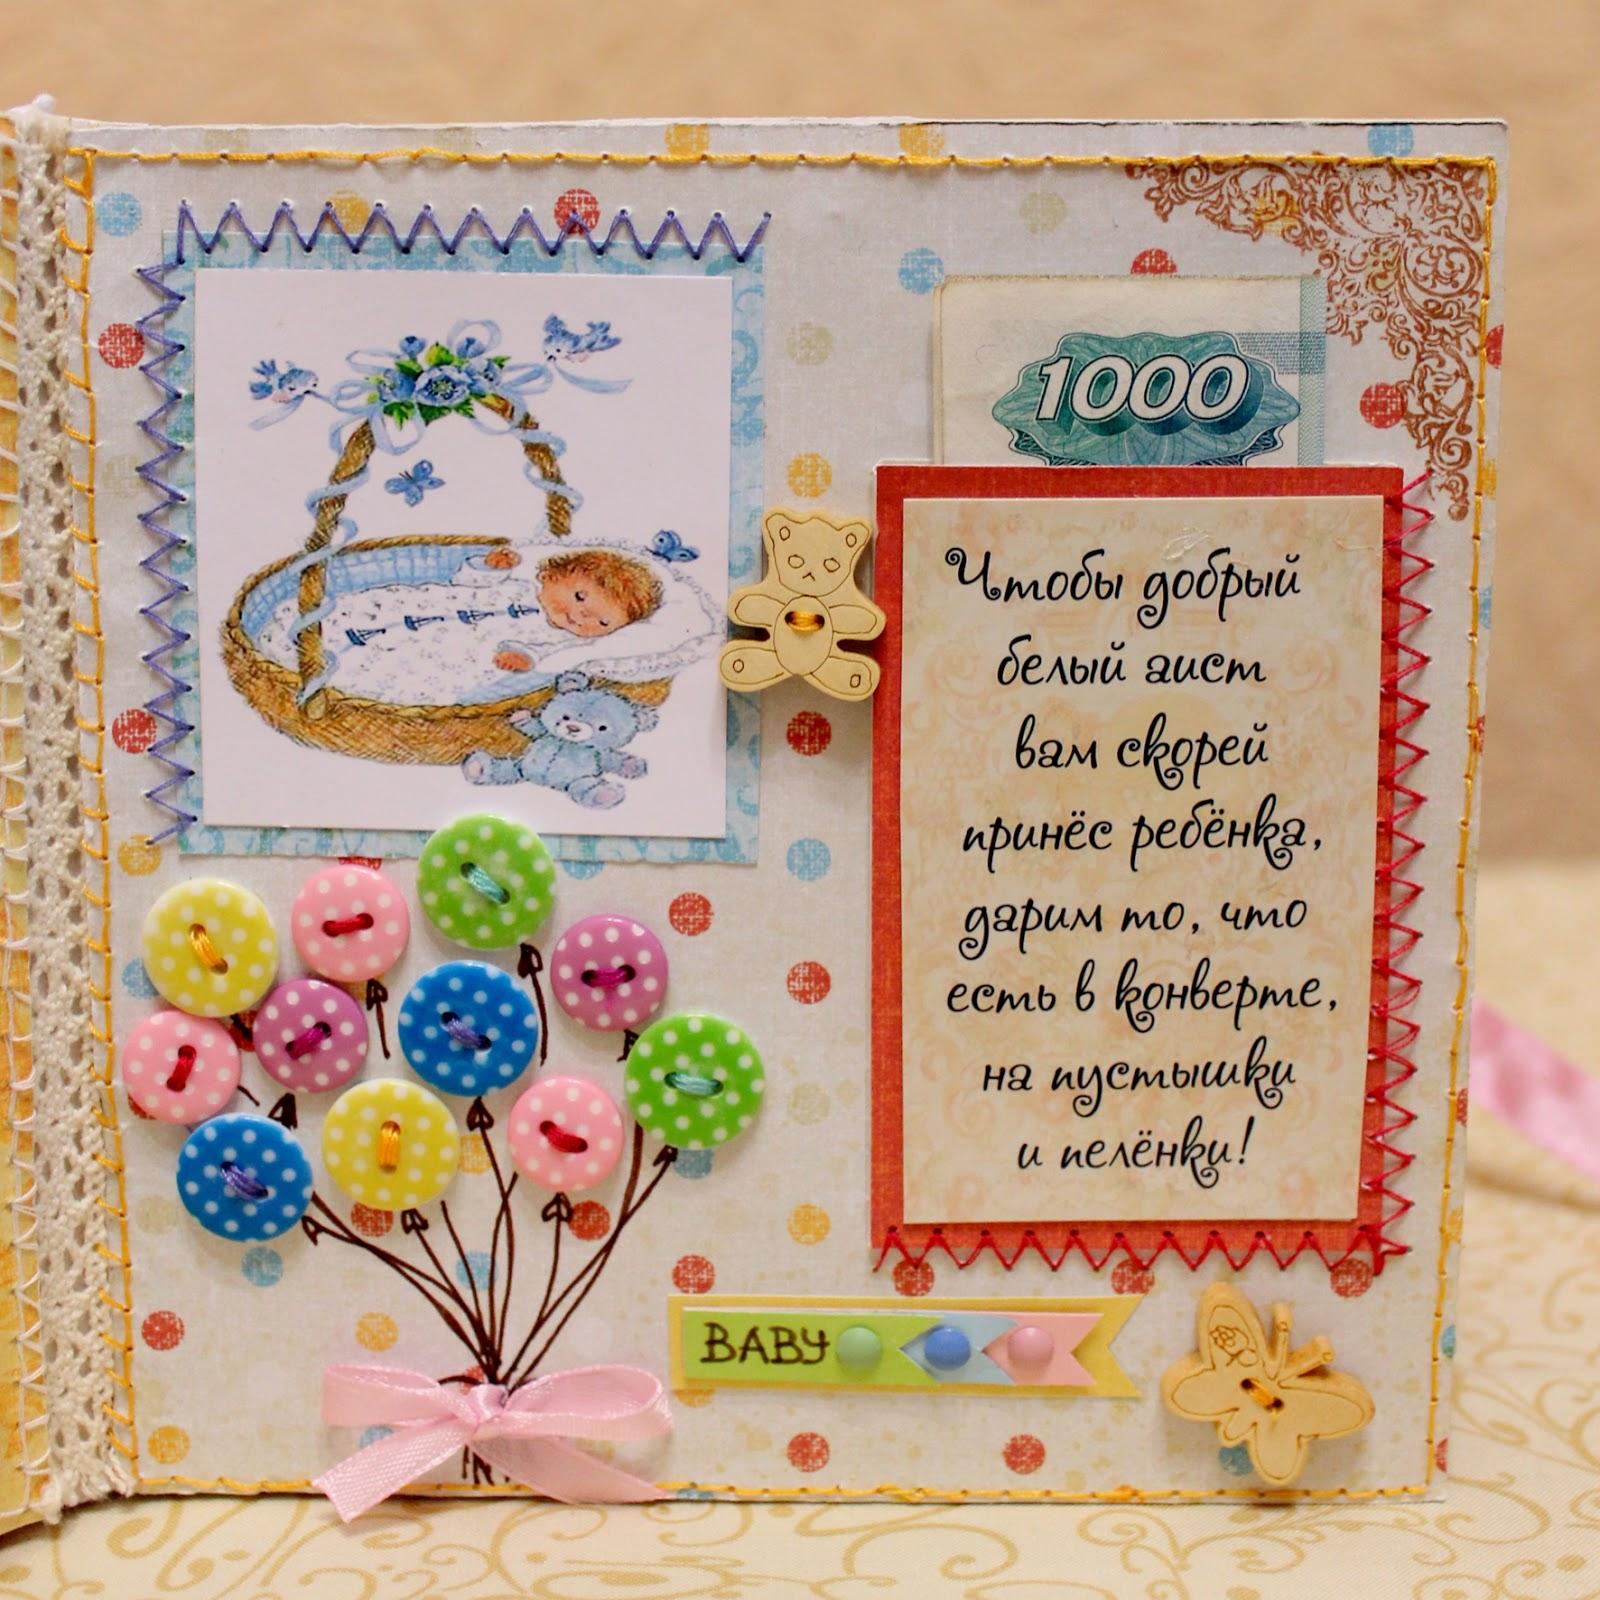 Подарки на свадьбу стихи к подарку 301